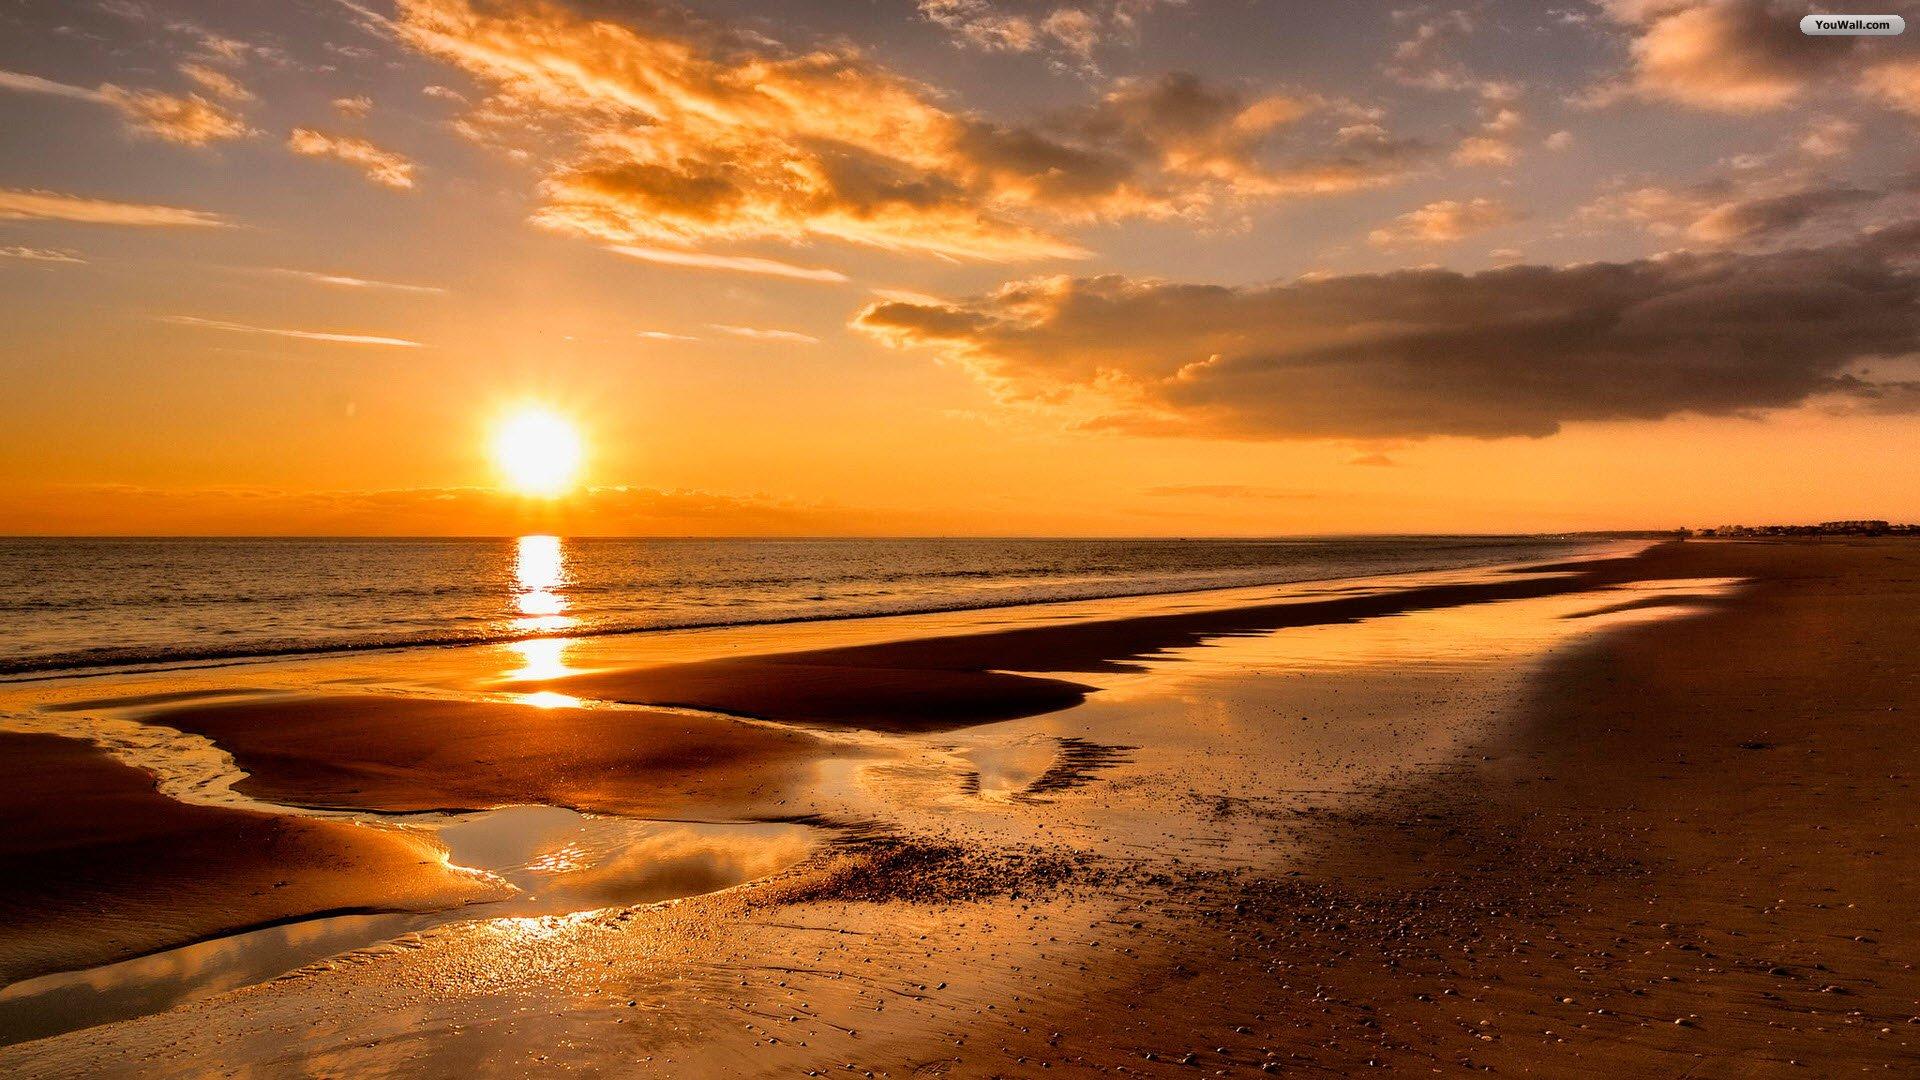 beach sunset wallpaper 1920x1080